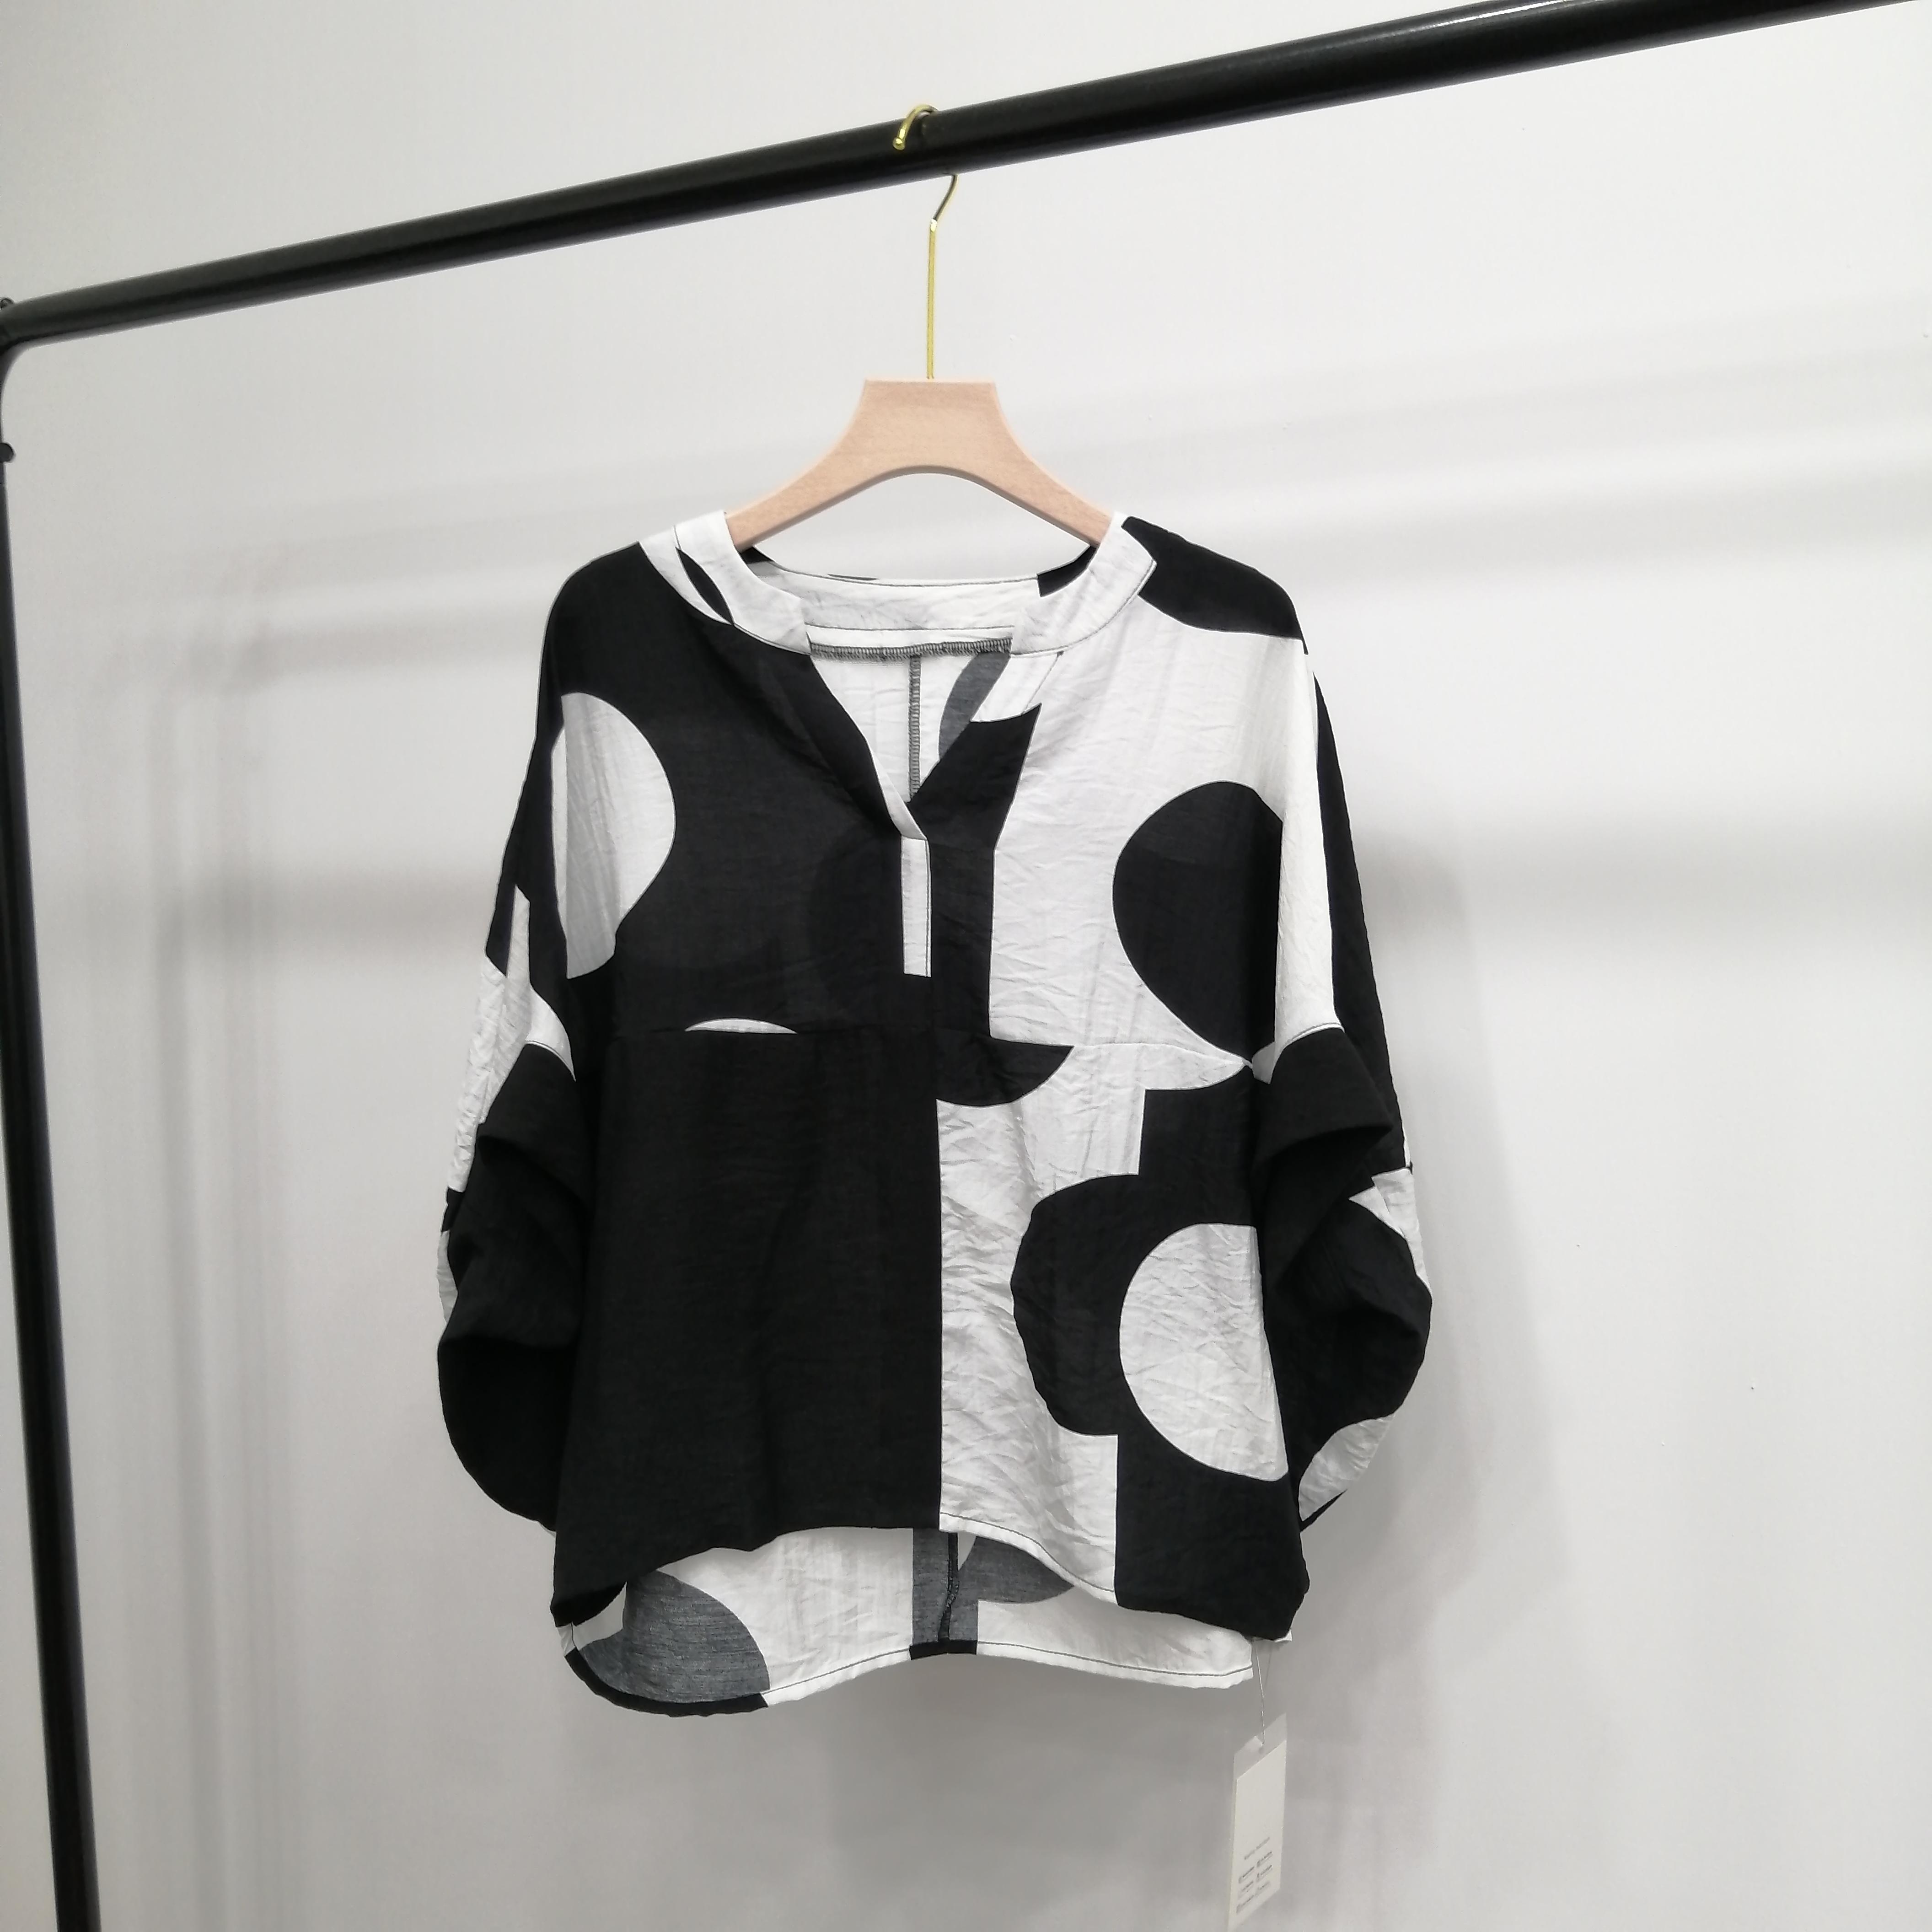 【红姐严选】时尚宽松不规则大波点丝麻V领大码上衣小衫9802